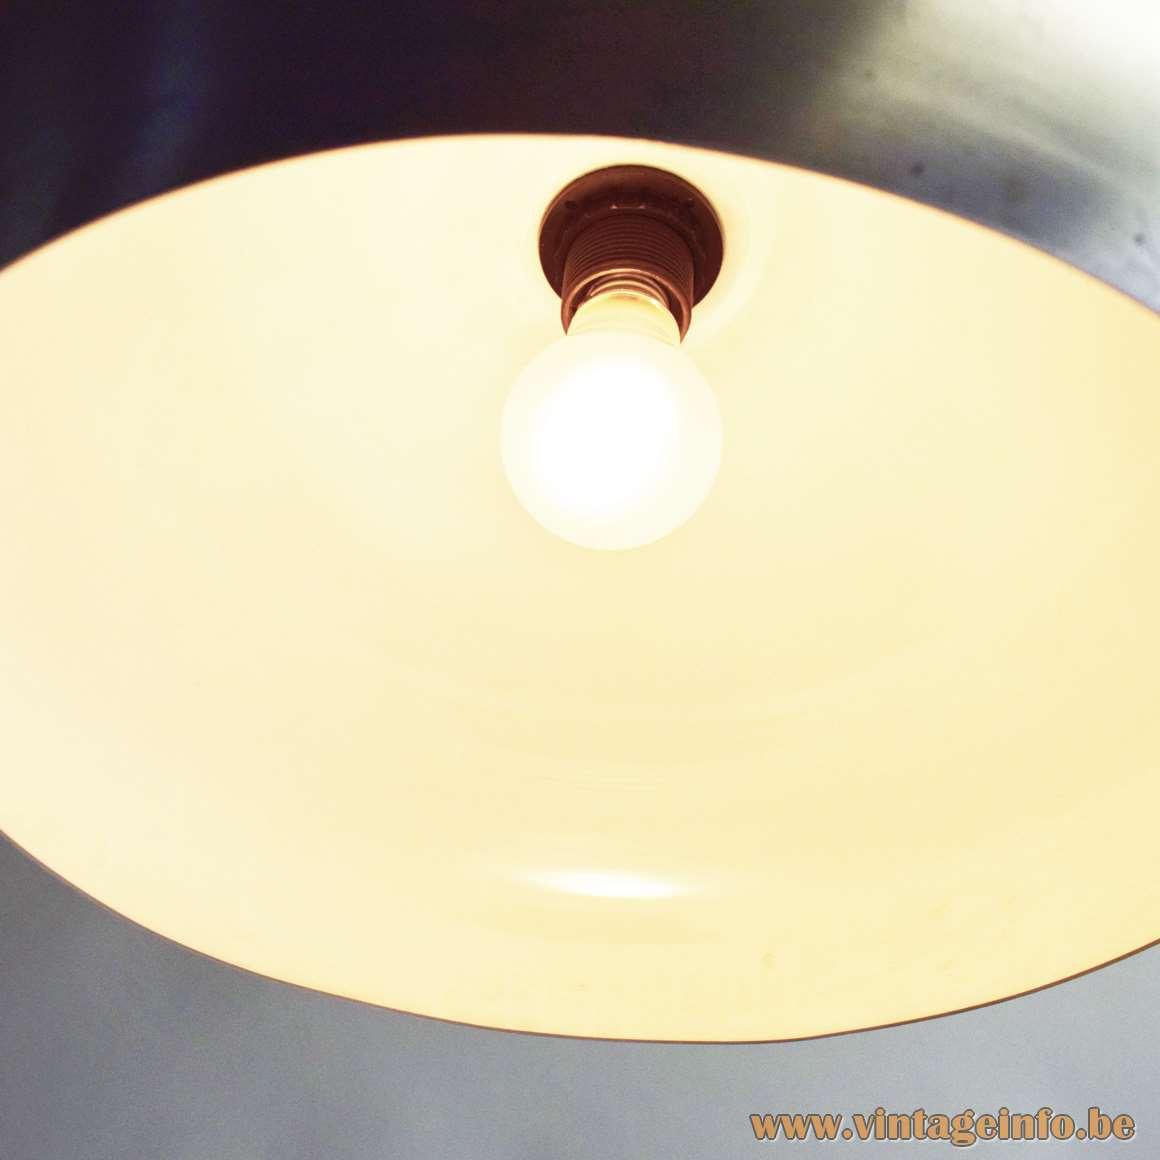 1960s Articulating Arc Floor Lamp round Carrara marble base chrome rods 2 black knobs aluminium lampshade